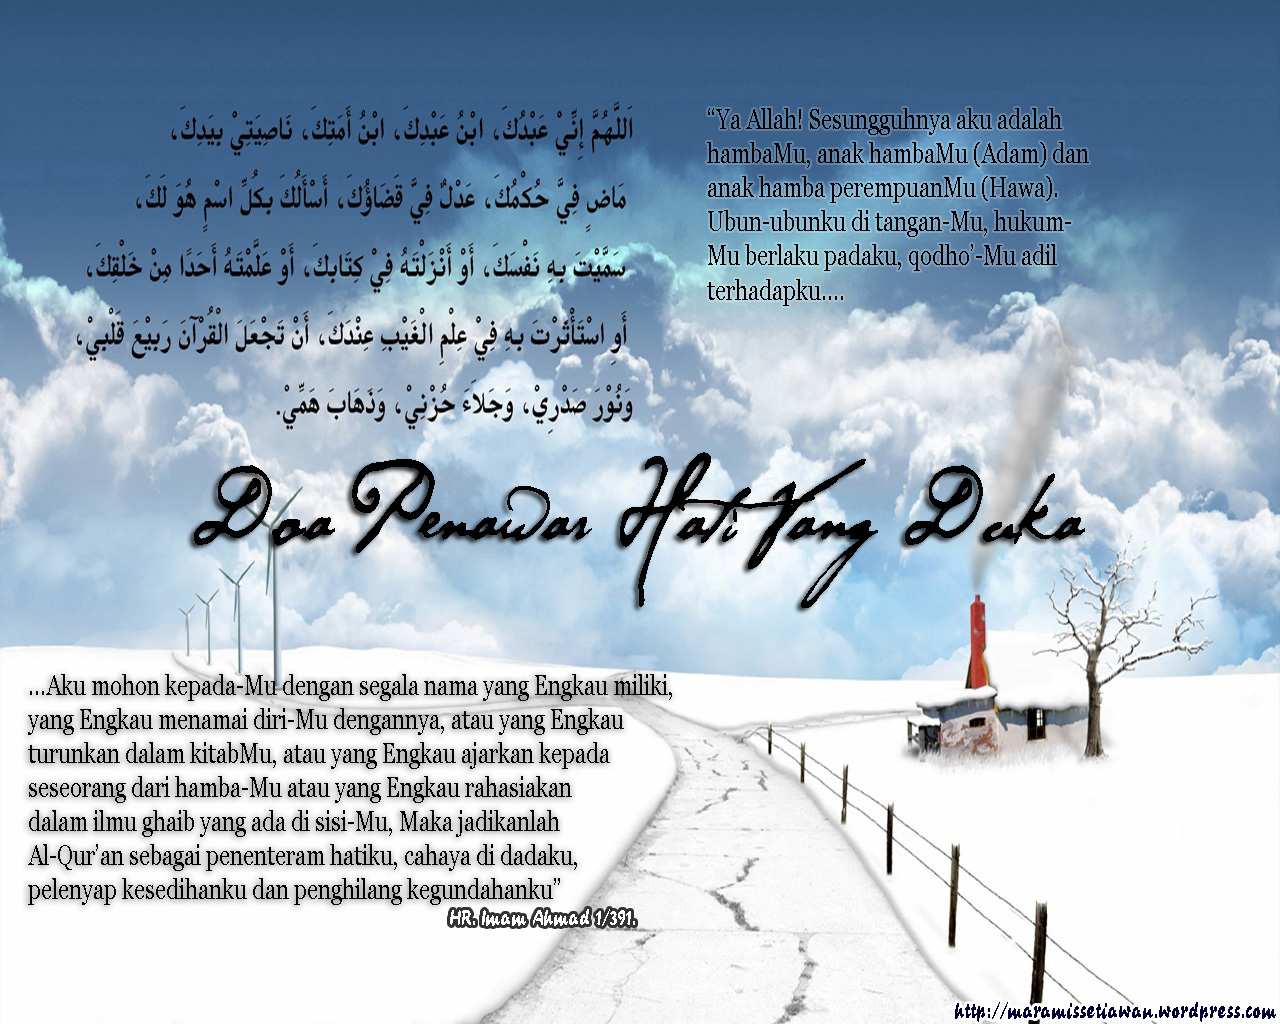 http://1.bp.blogspot.com/-ER33QLW1WuU/Ts7ELrhhy5I/AAAAAAAAAIc/Tfa3csnOkro/s1600/doa-penawar-hati-duka-desktop1.jpg